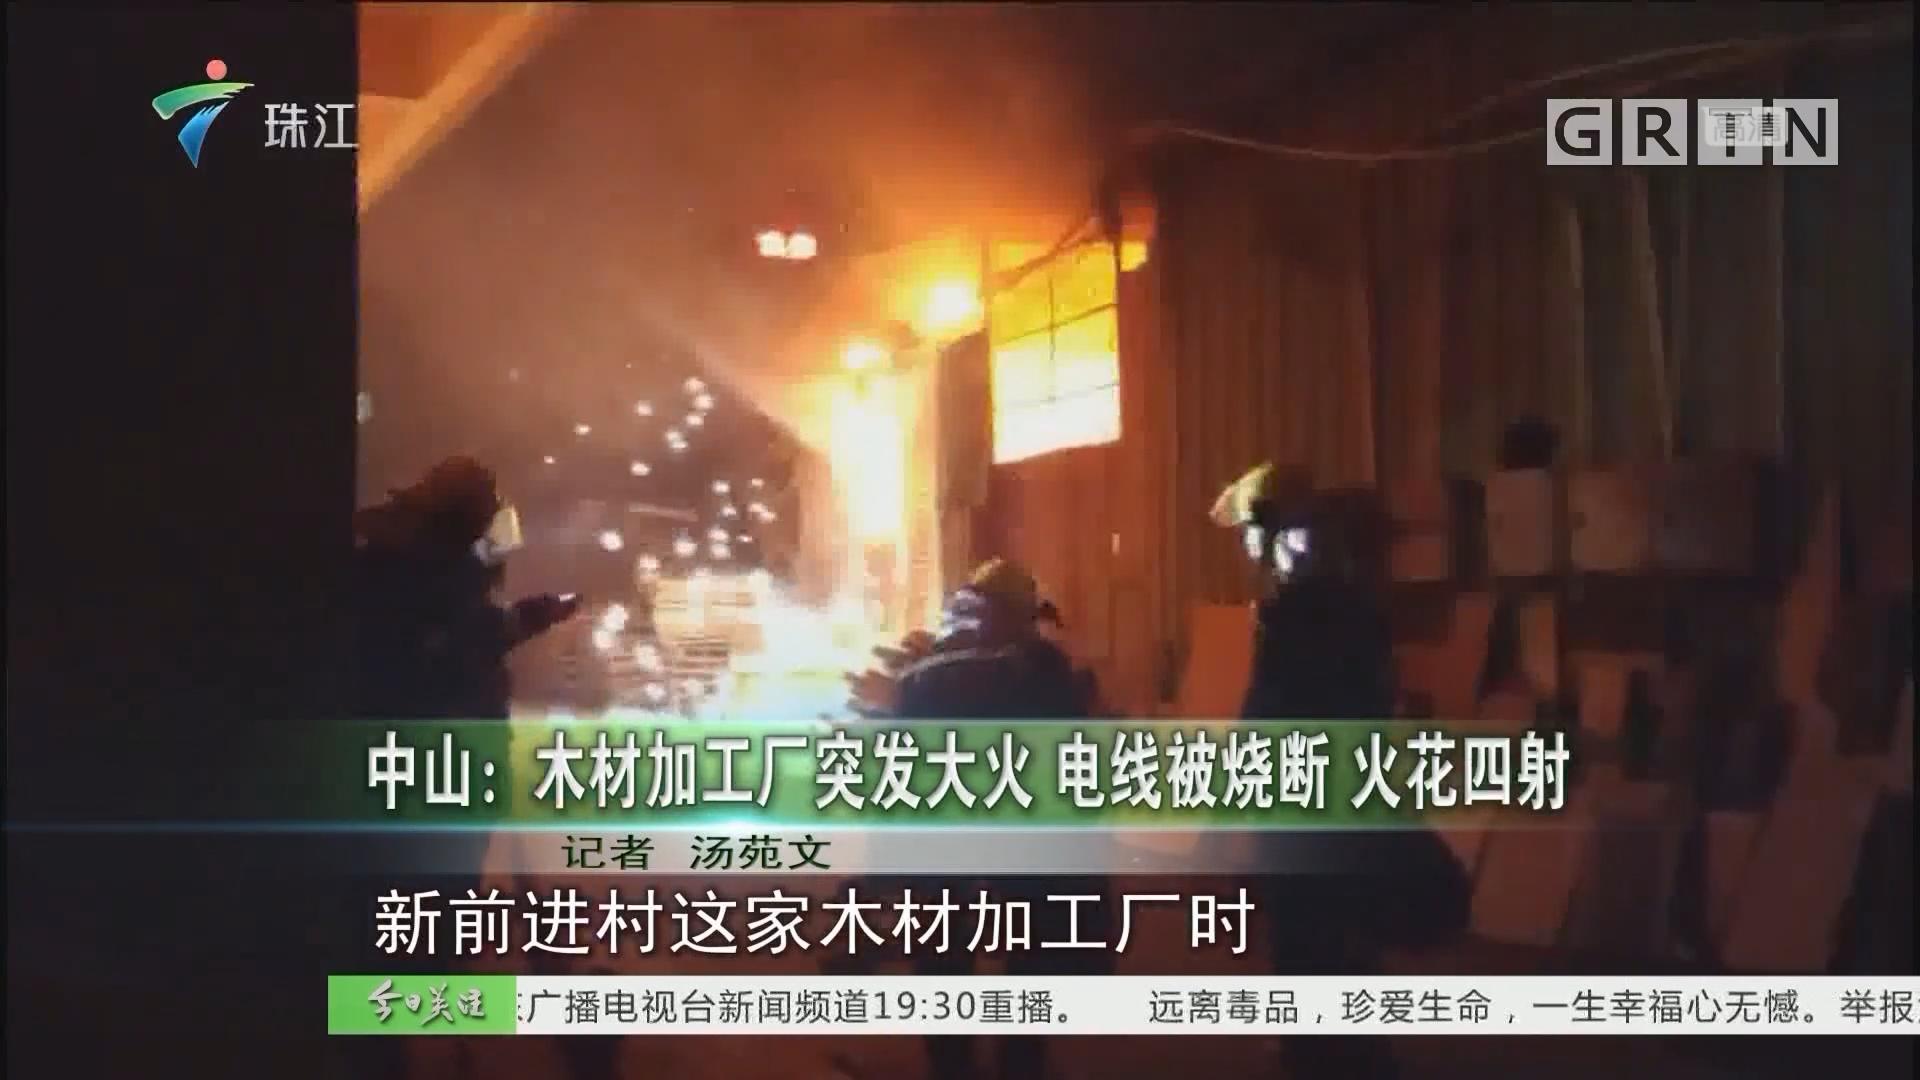 中山:木材加工厂突发大火 电线被烧断 火花四射